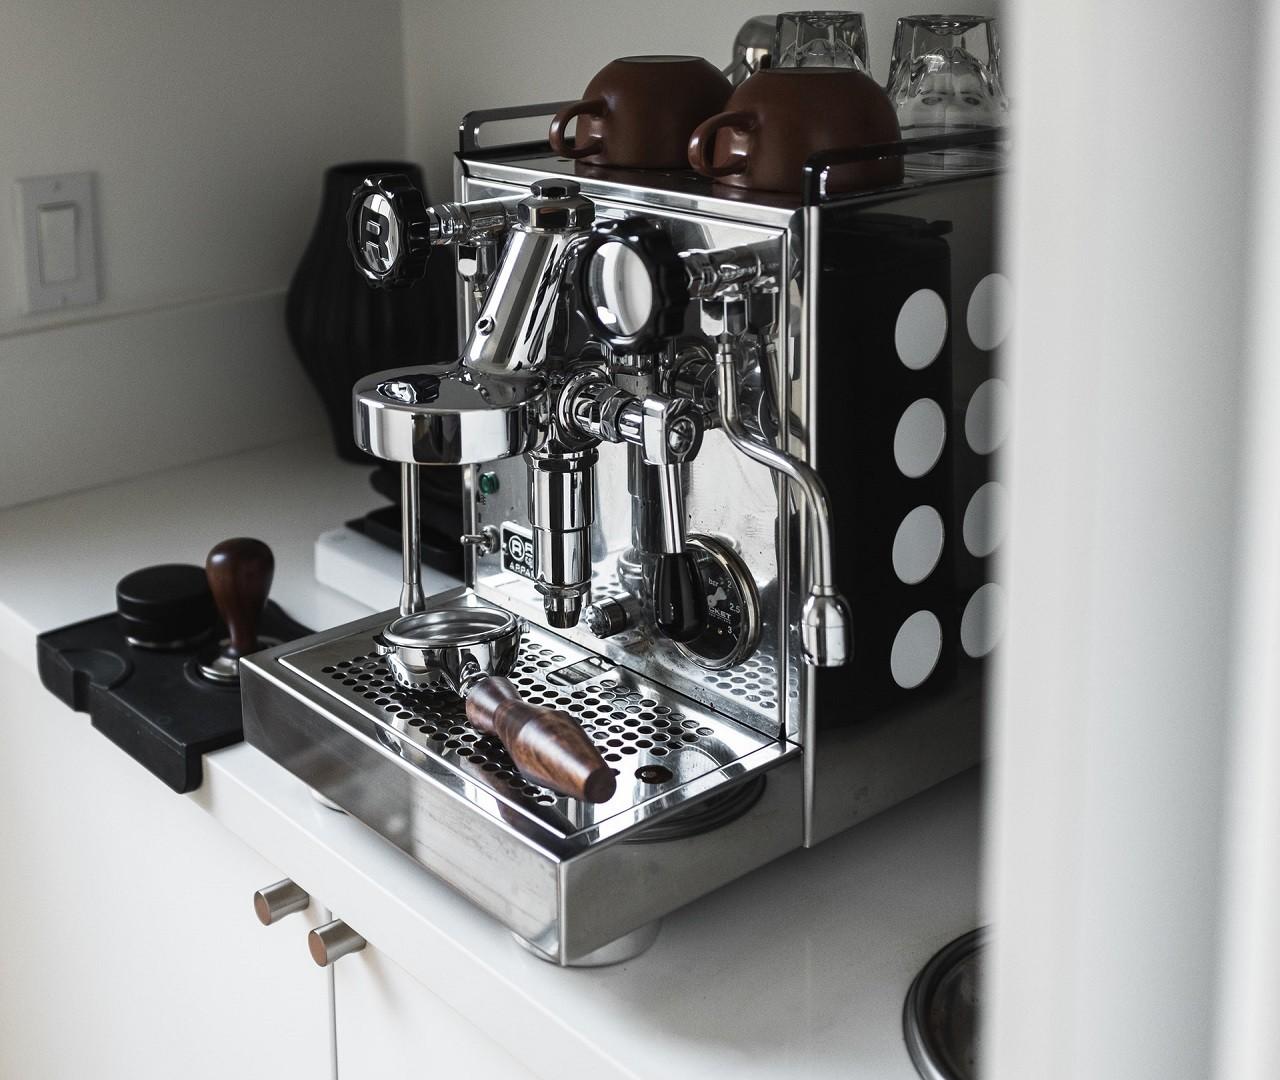 Lelit Espressomaschinen sind etwas hochpreisiger, jedoch überzeugen sie durch ihre besonders gute Qualität.